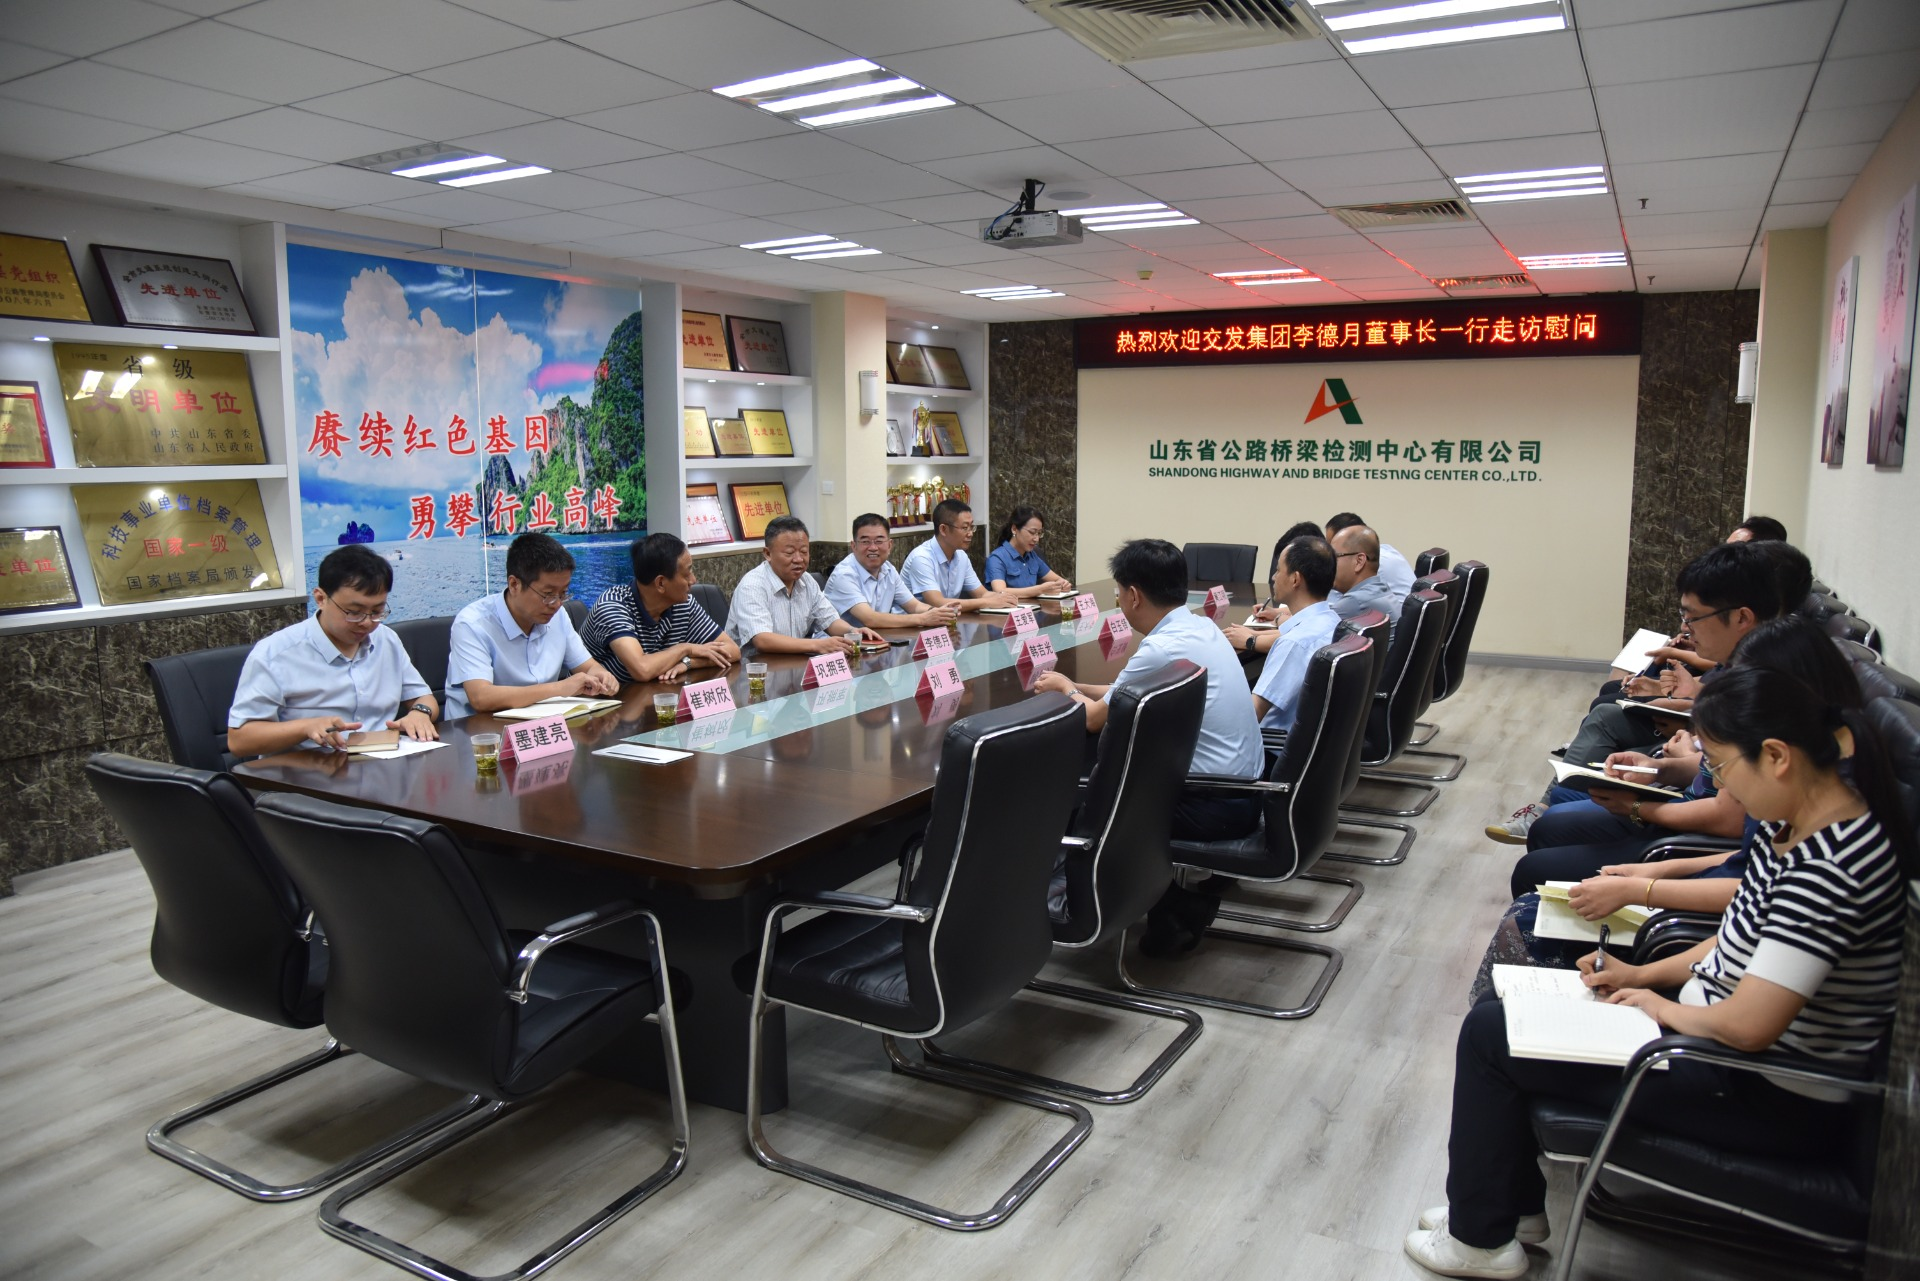 东营交通发展集团董事长李德月一行到检测中心慰问指导